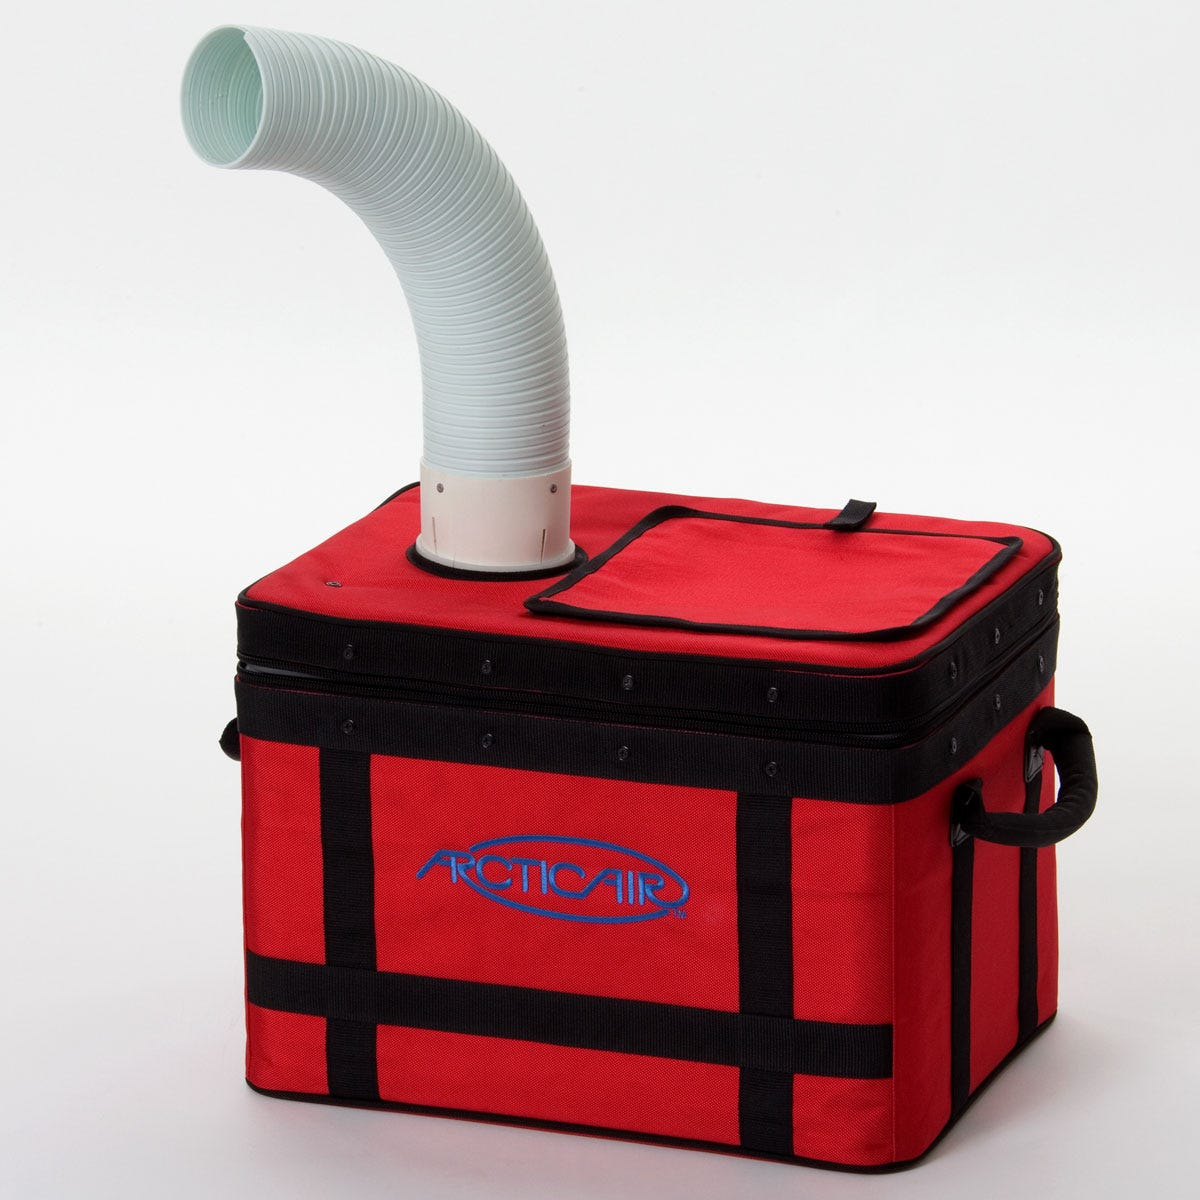 Arctic Air Portable Air Conditioner (52 qt. single fan 12 volt  #861019